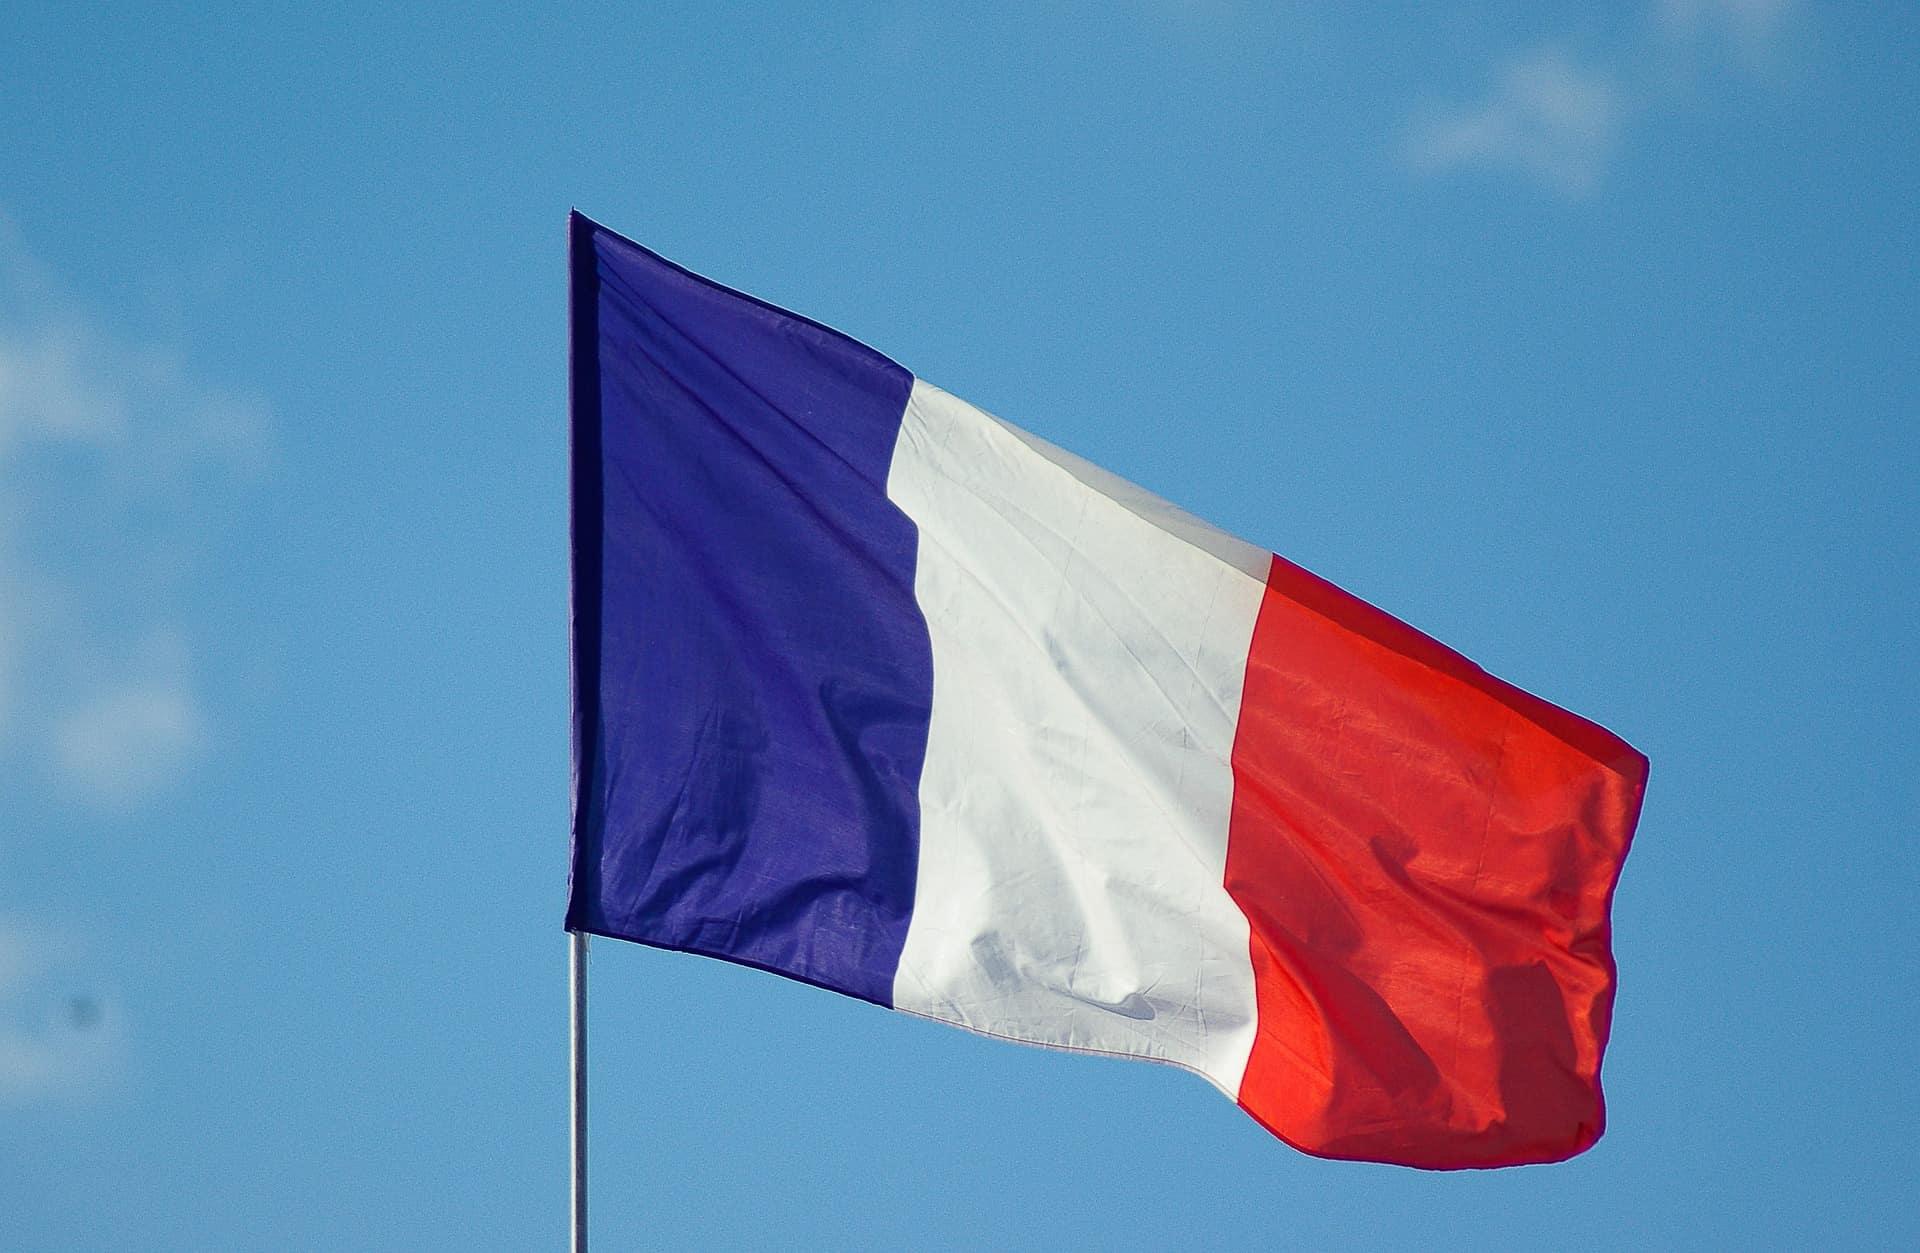 Bandiera francese: origini, storia e curiosità - Ti racconto un viaggio